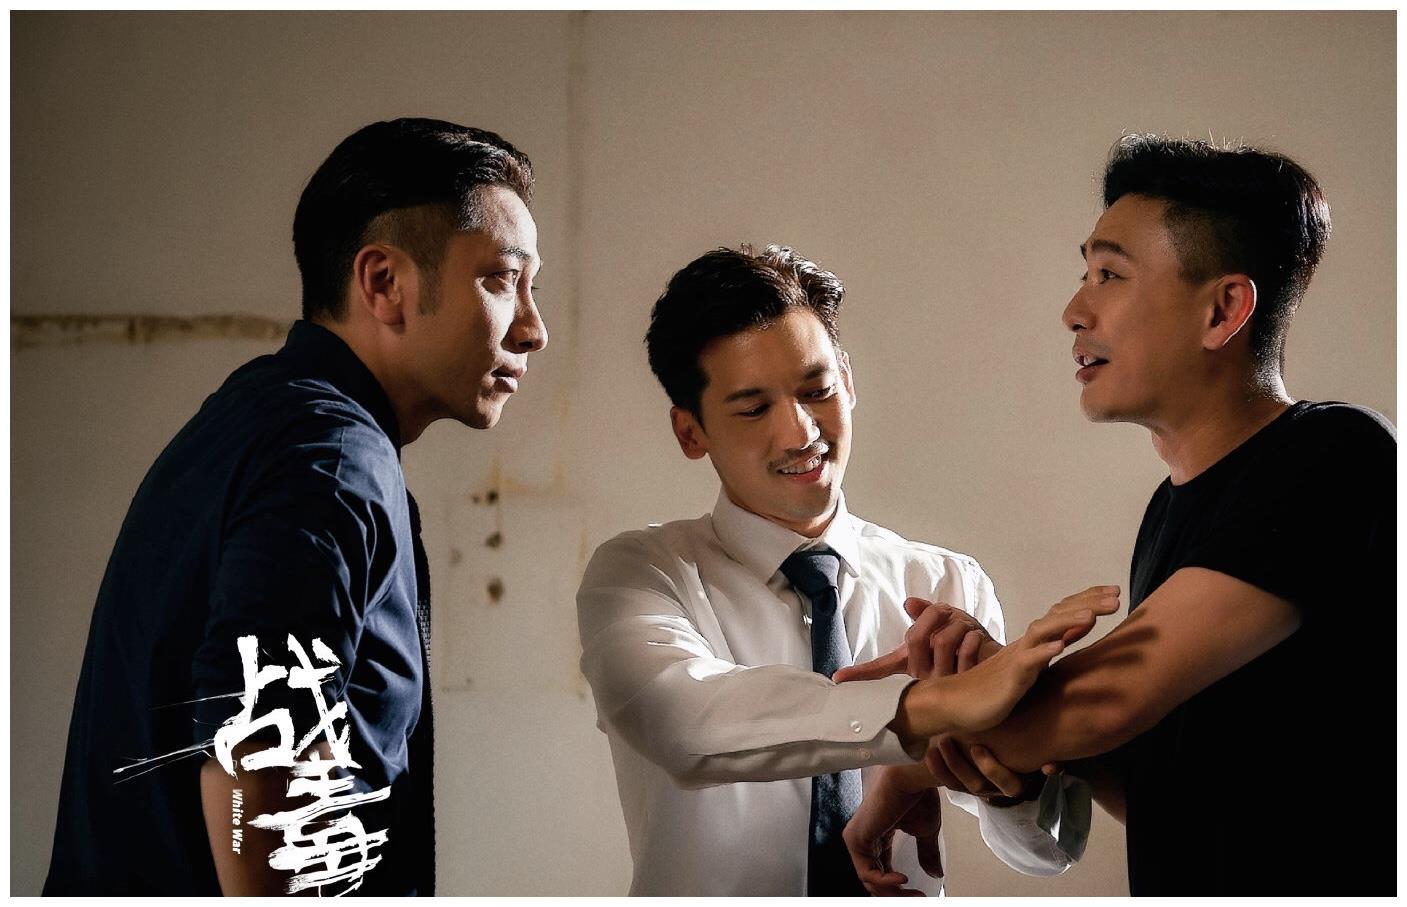 心疼!TVB前当家小生吴卓羲拍戏触发旧患,双手肿的像馒头